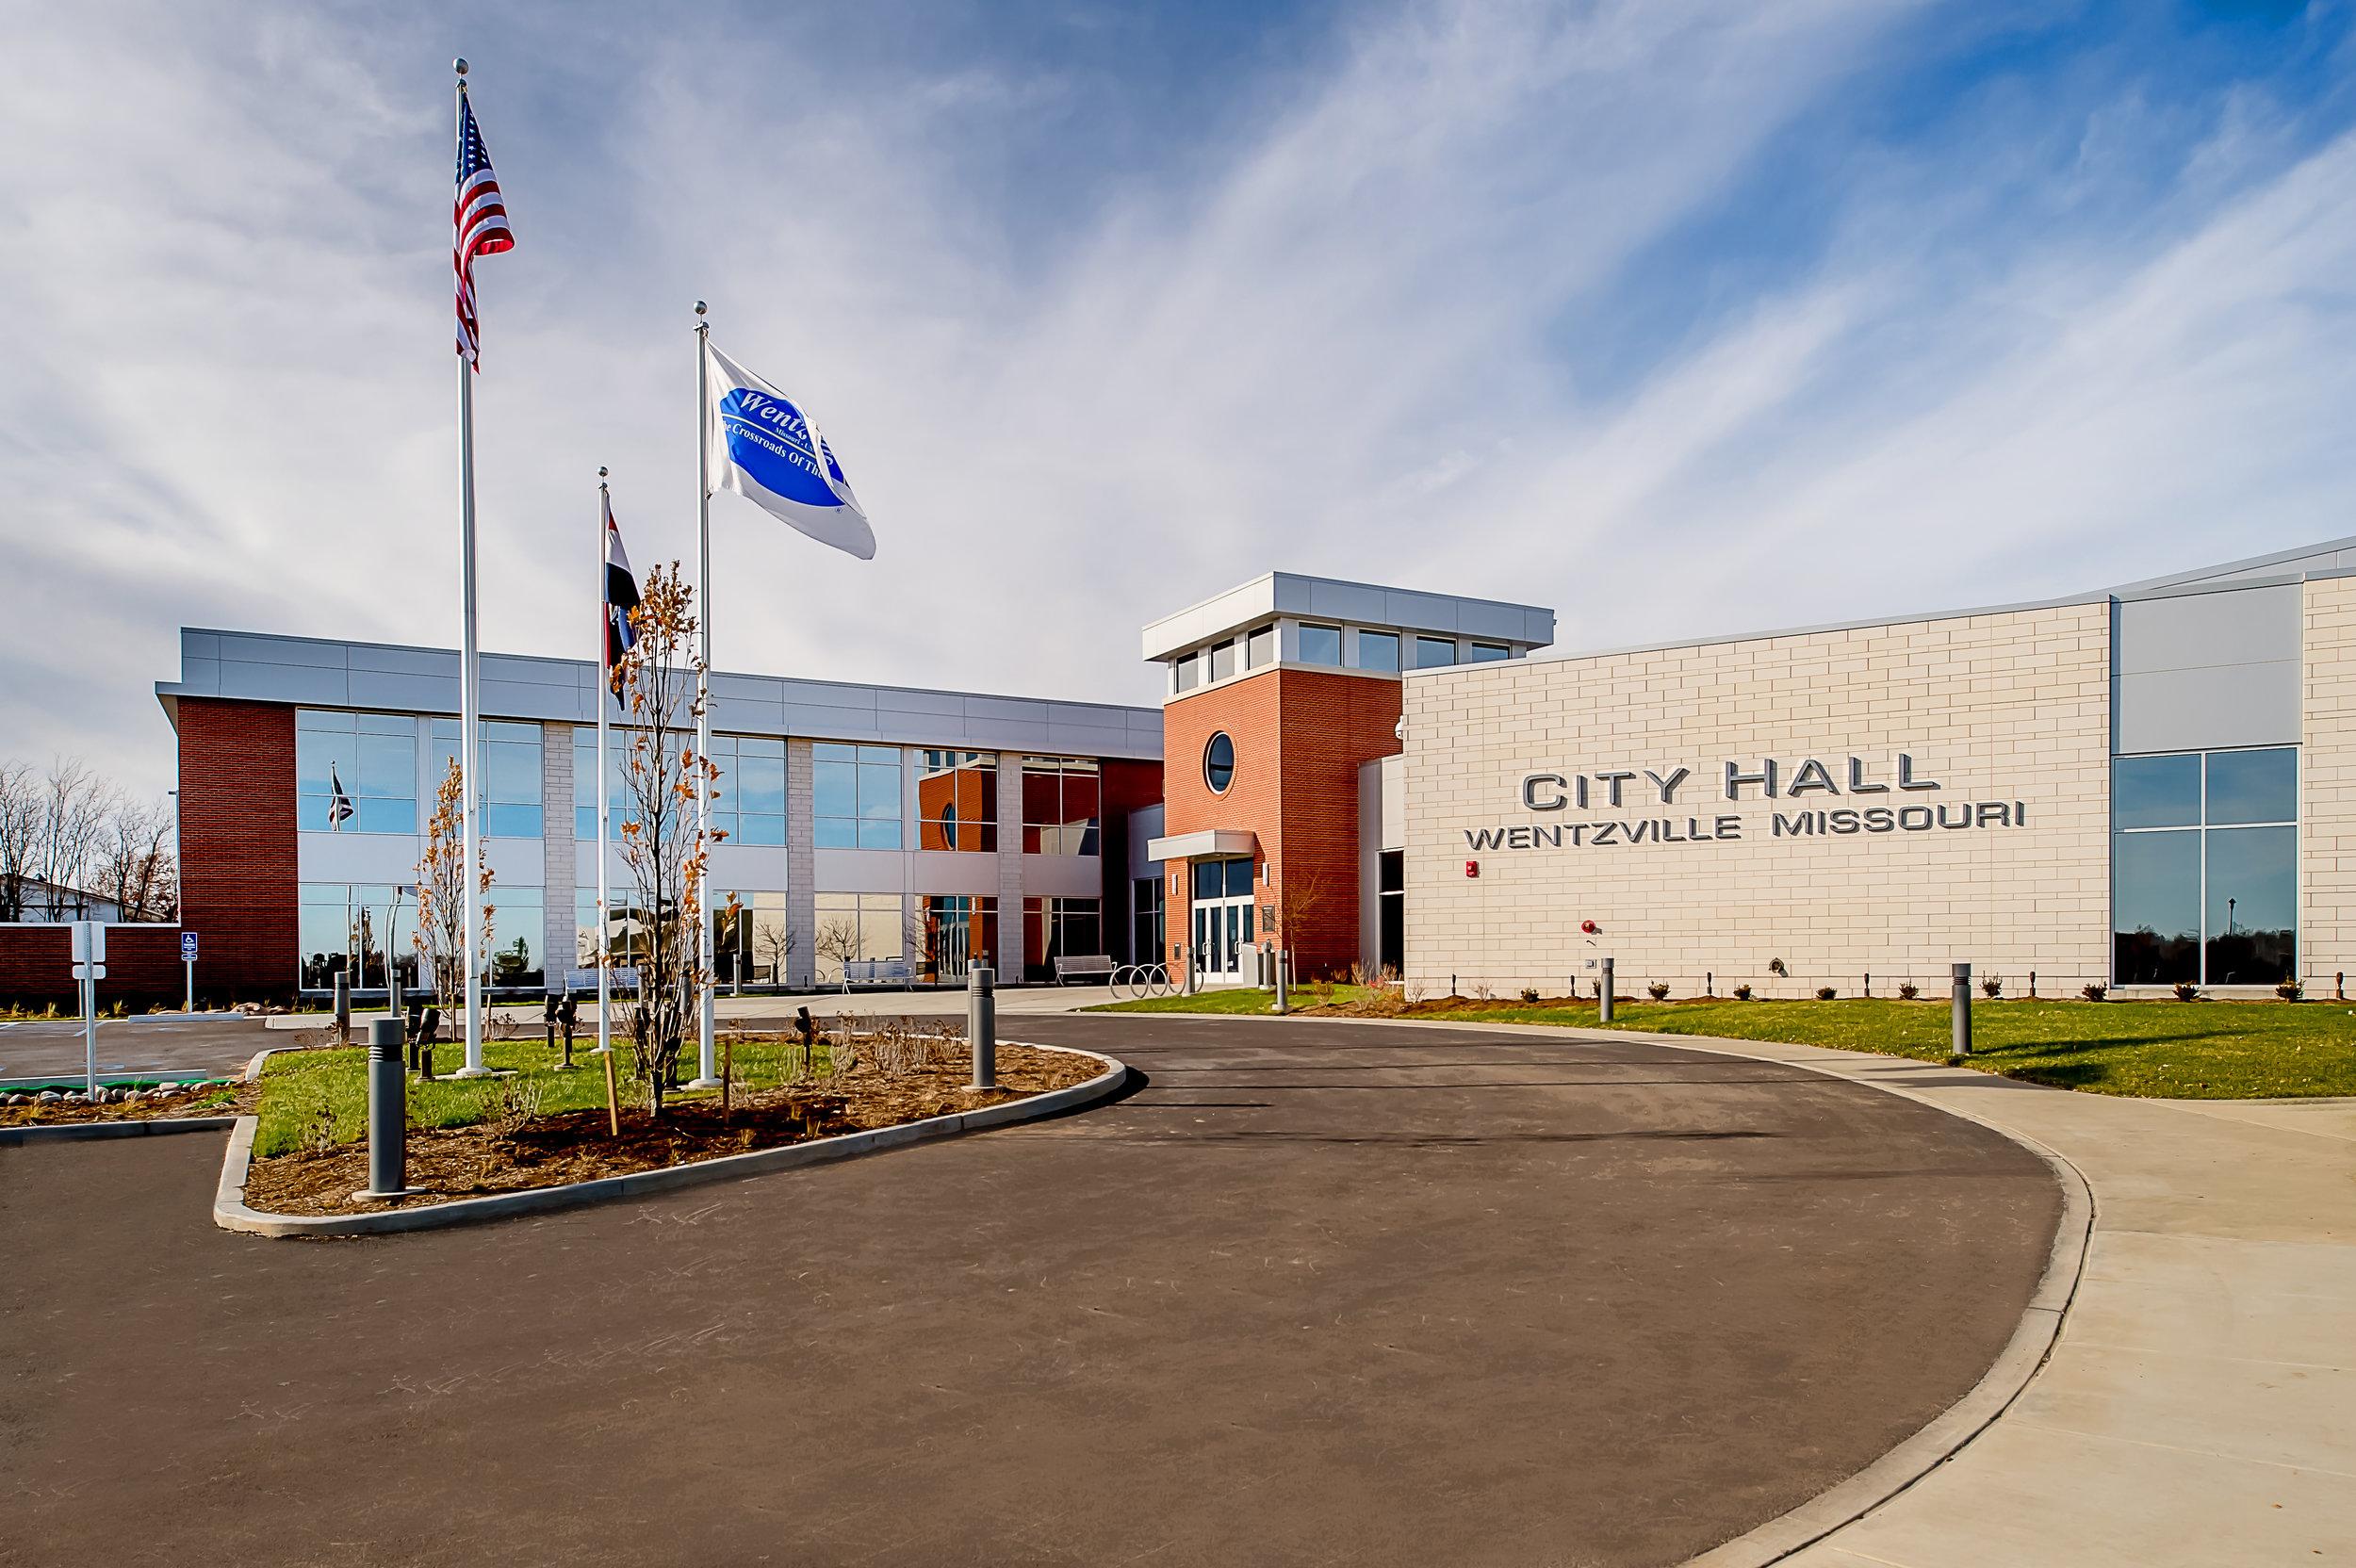 014Wentzville City Hall_Paric_Nov 2017.jpg